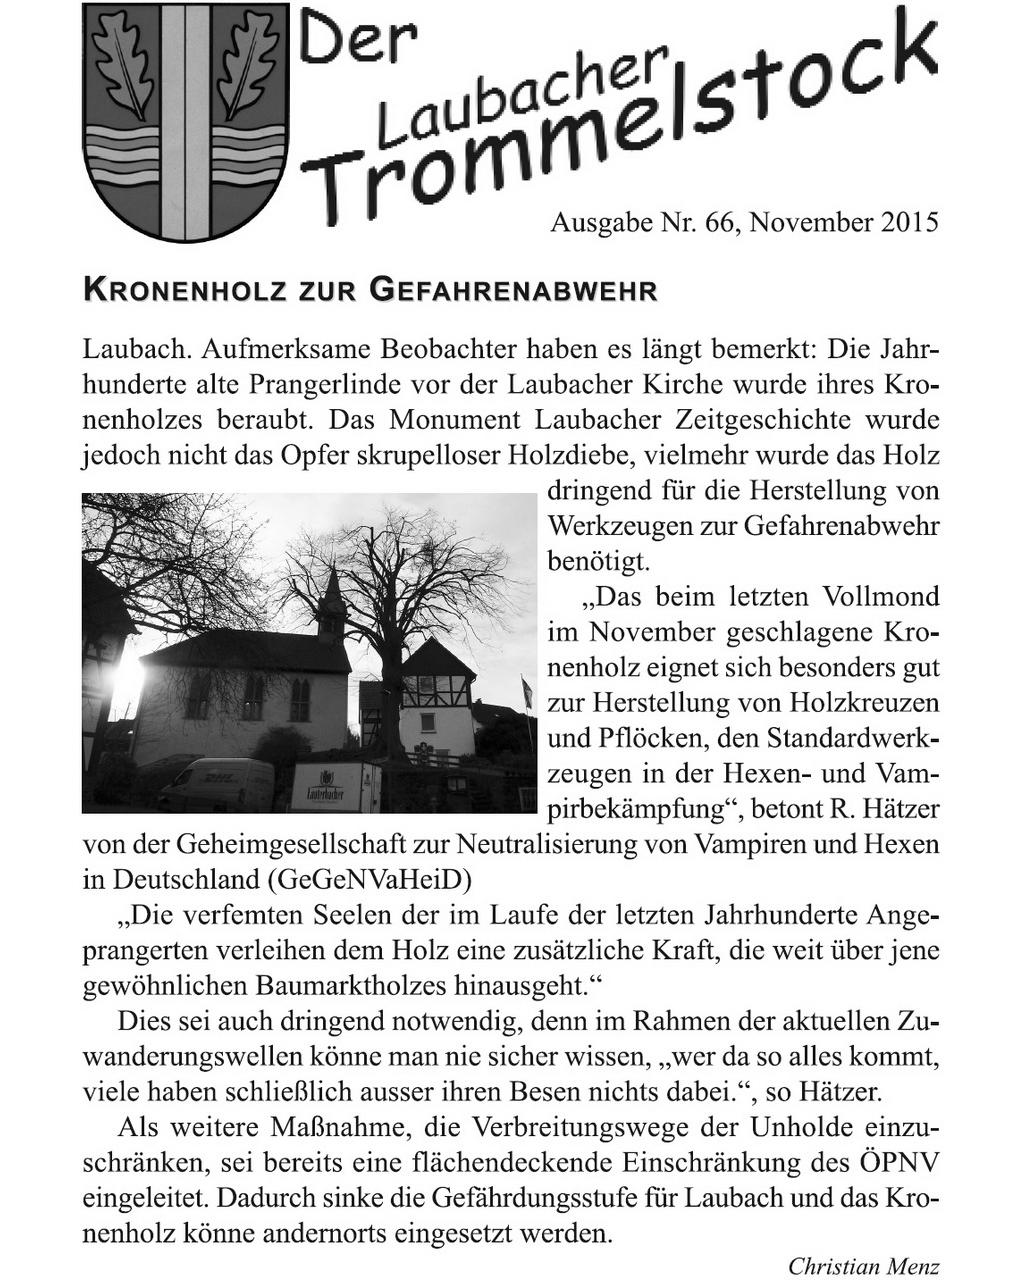 Laubacher-Trommelstock-Titelseite-066